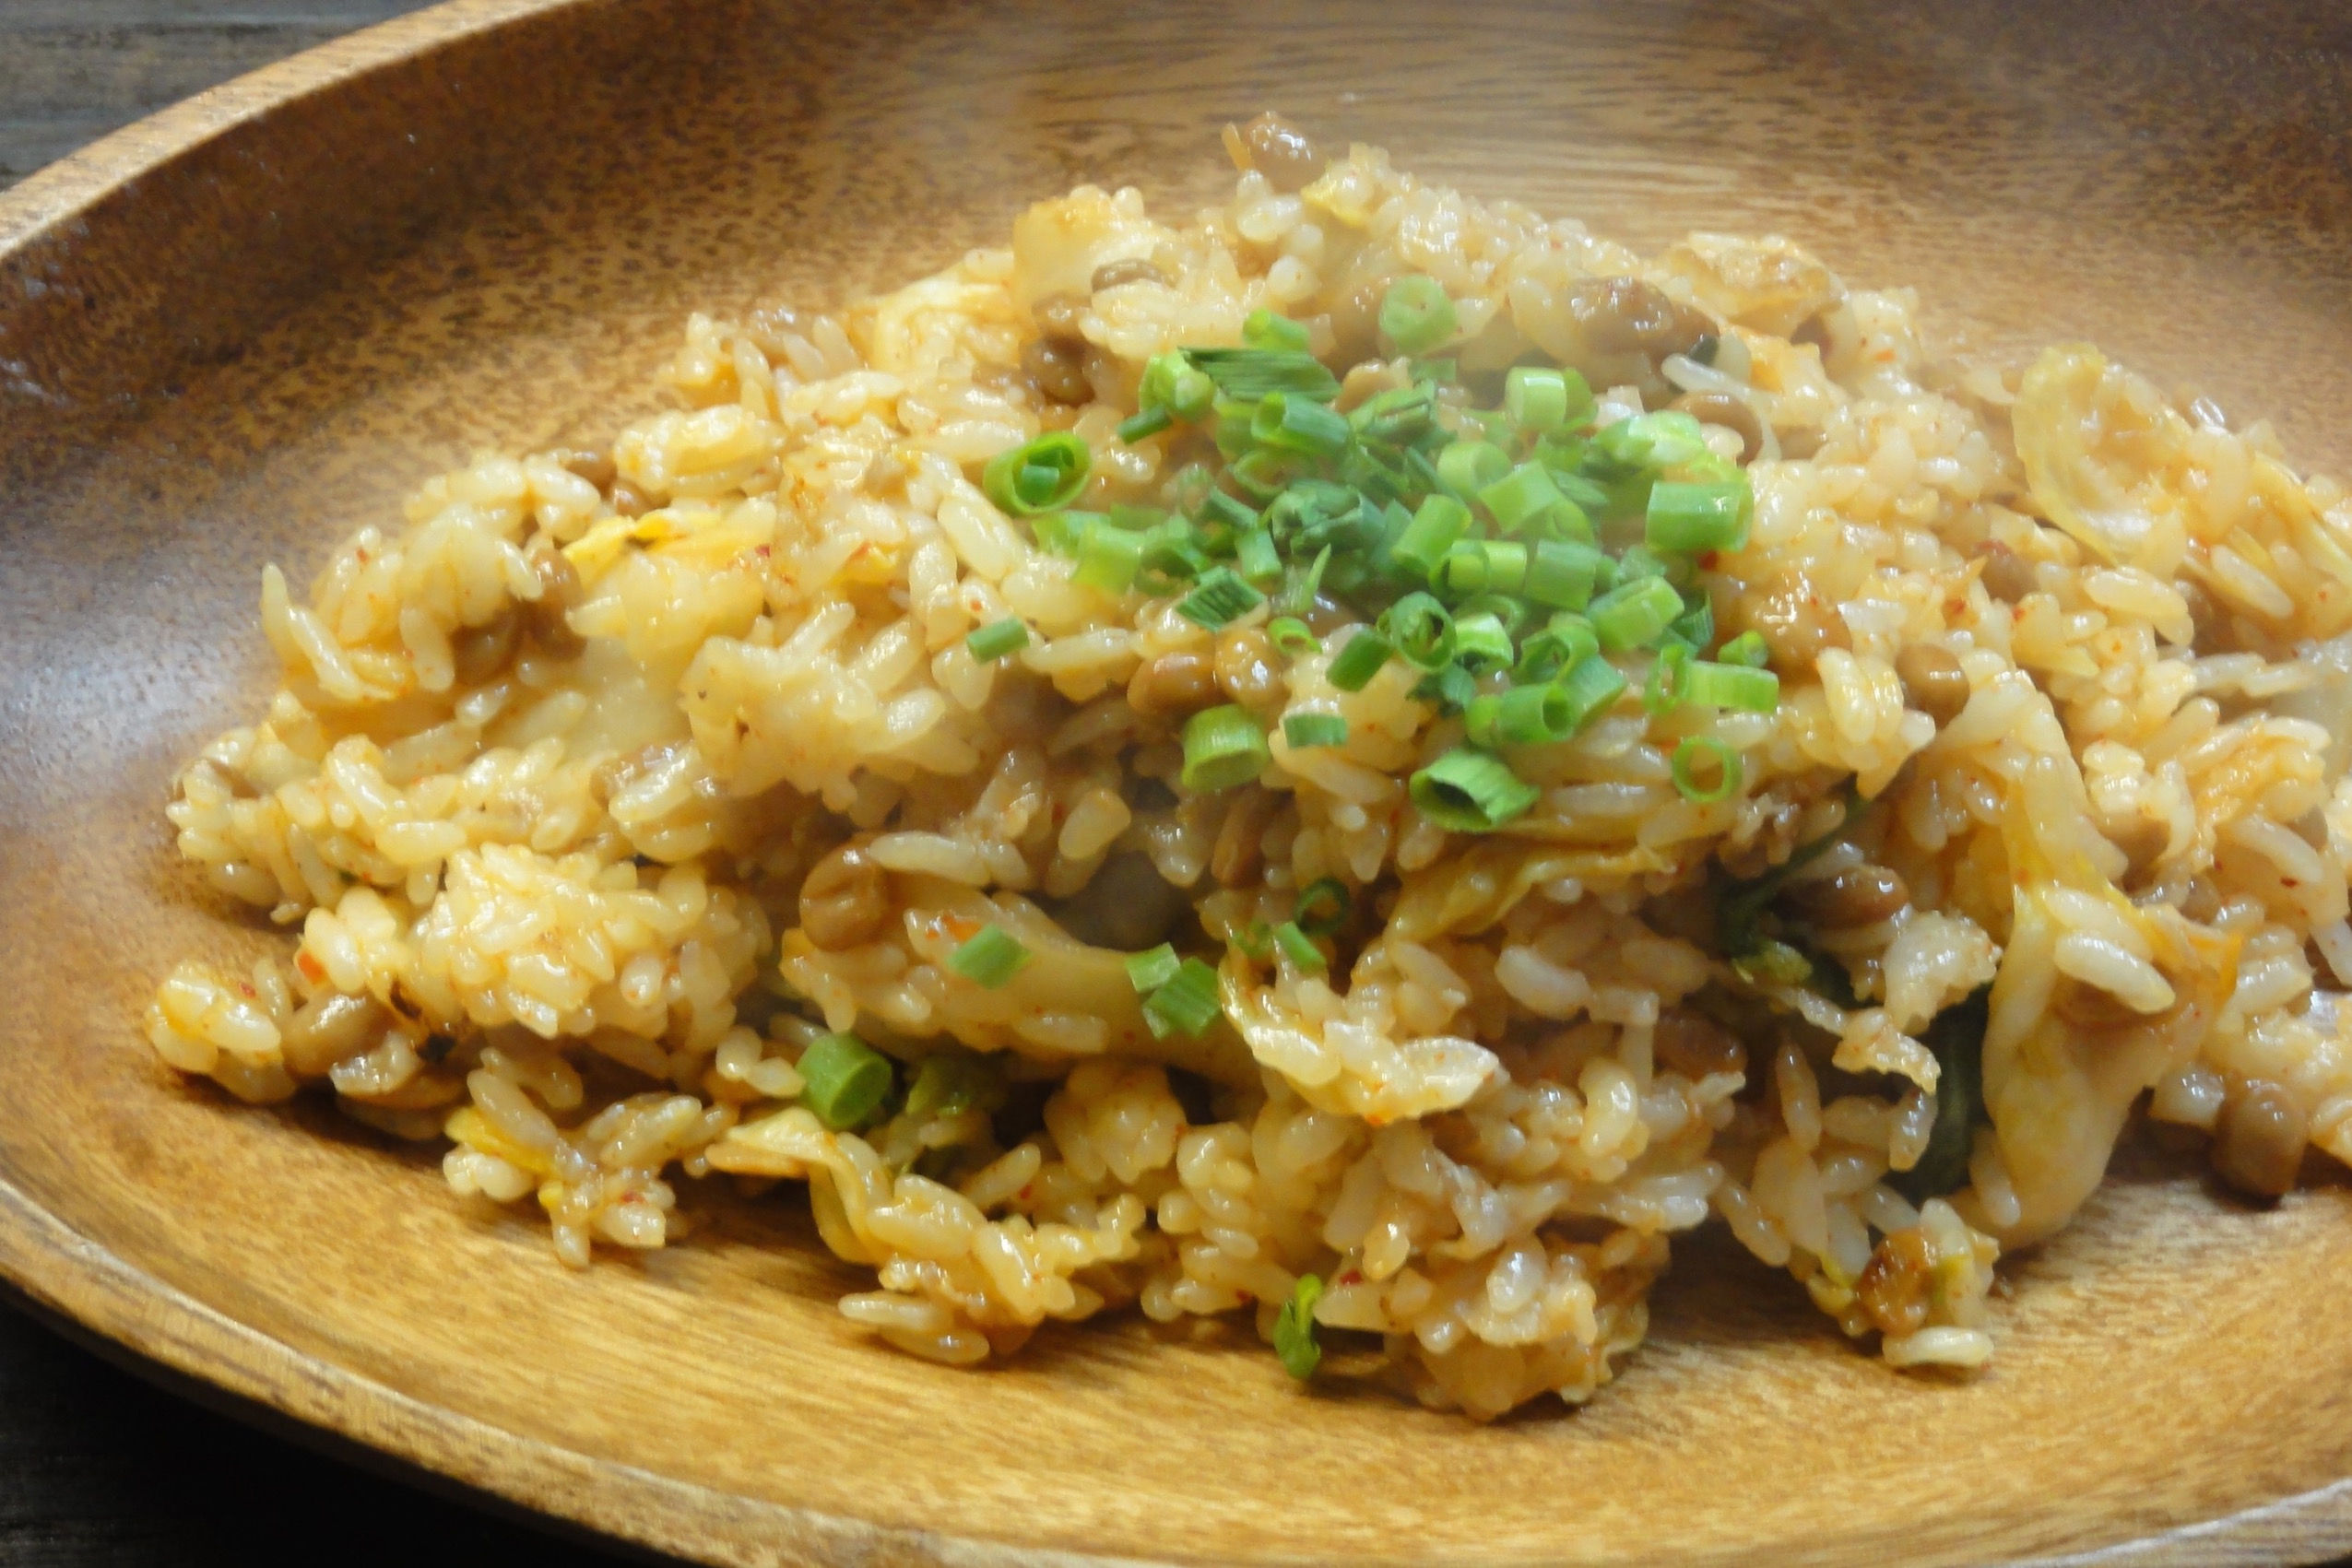 納豆 チャーハン 作り方